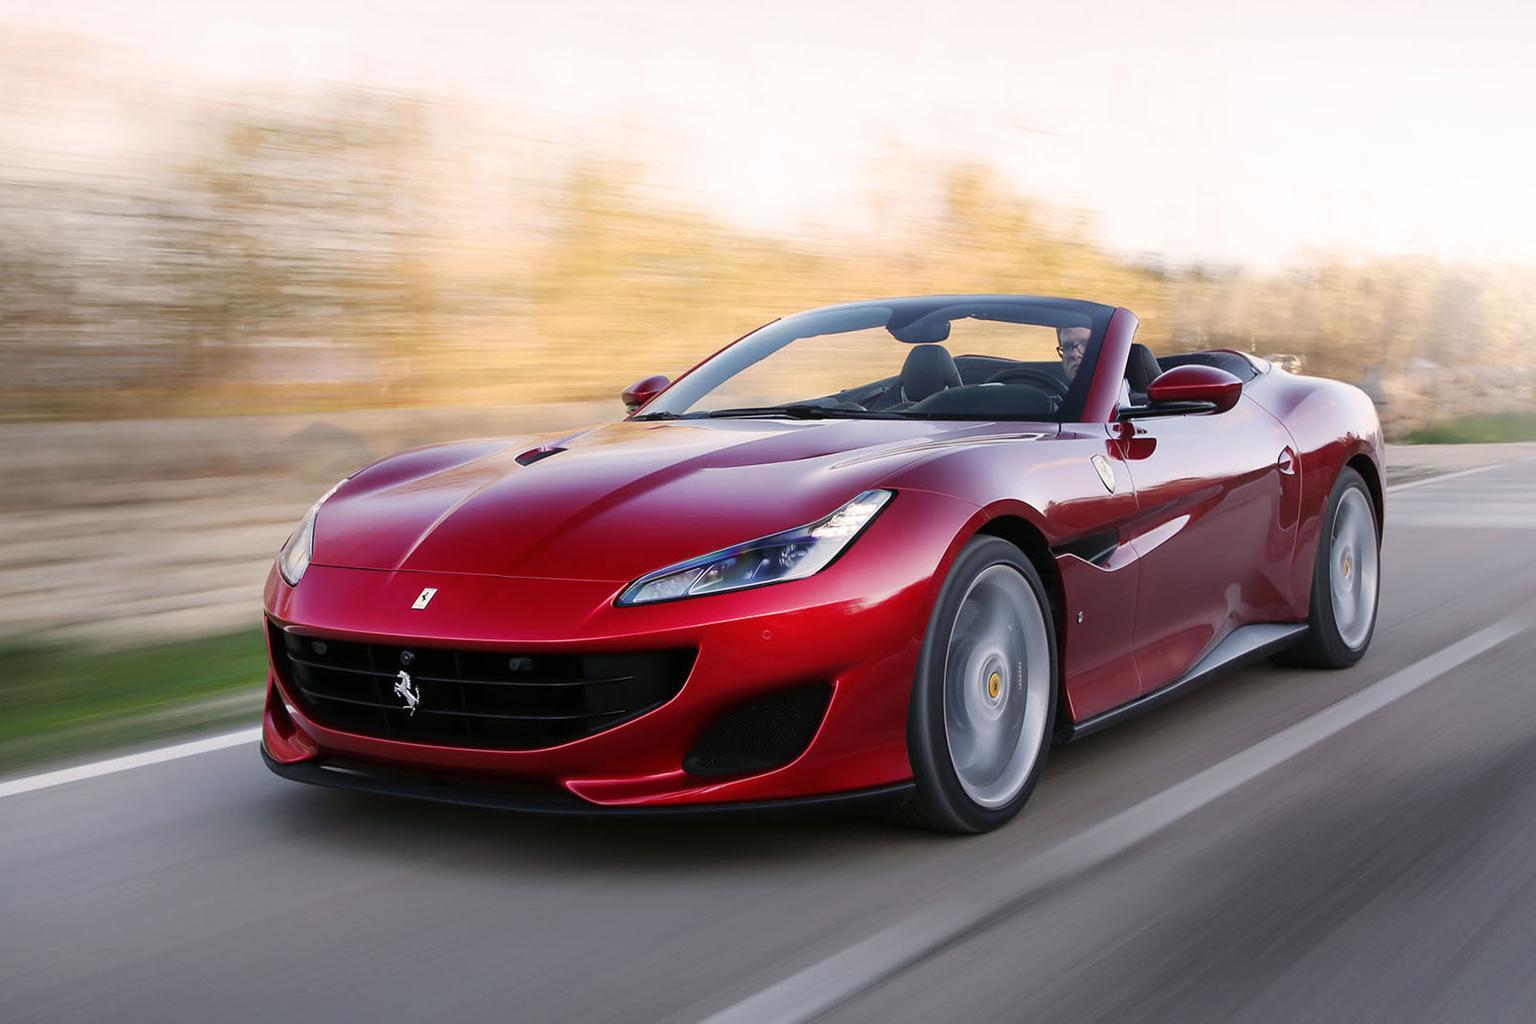 Ferrari Portofino Delivery Date